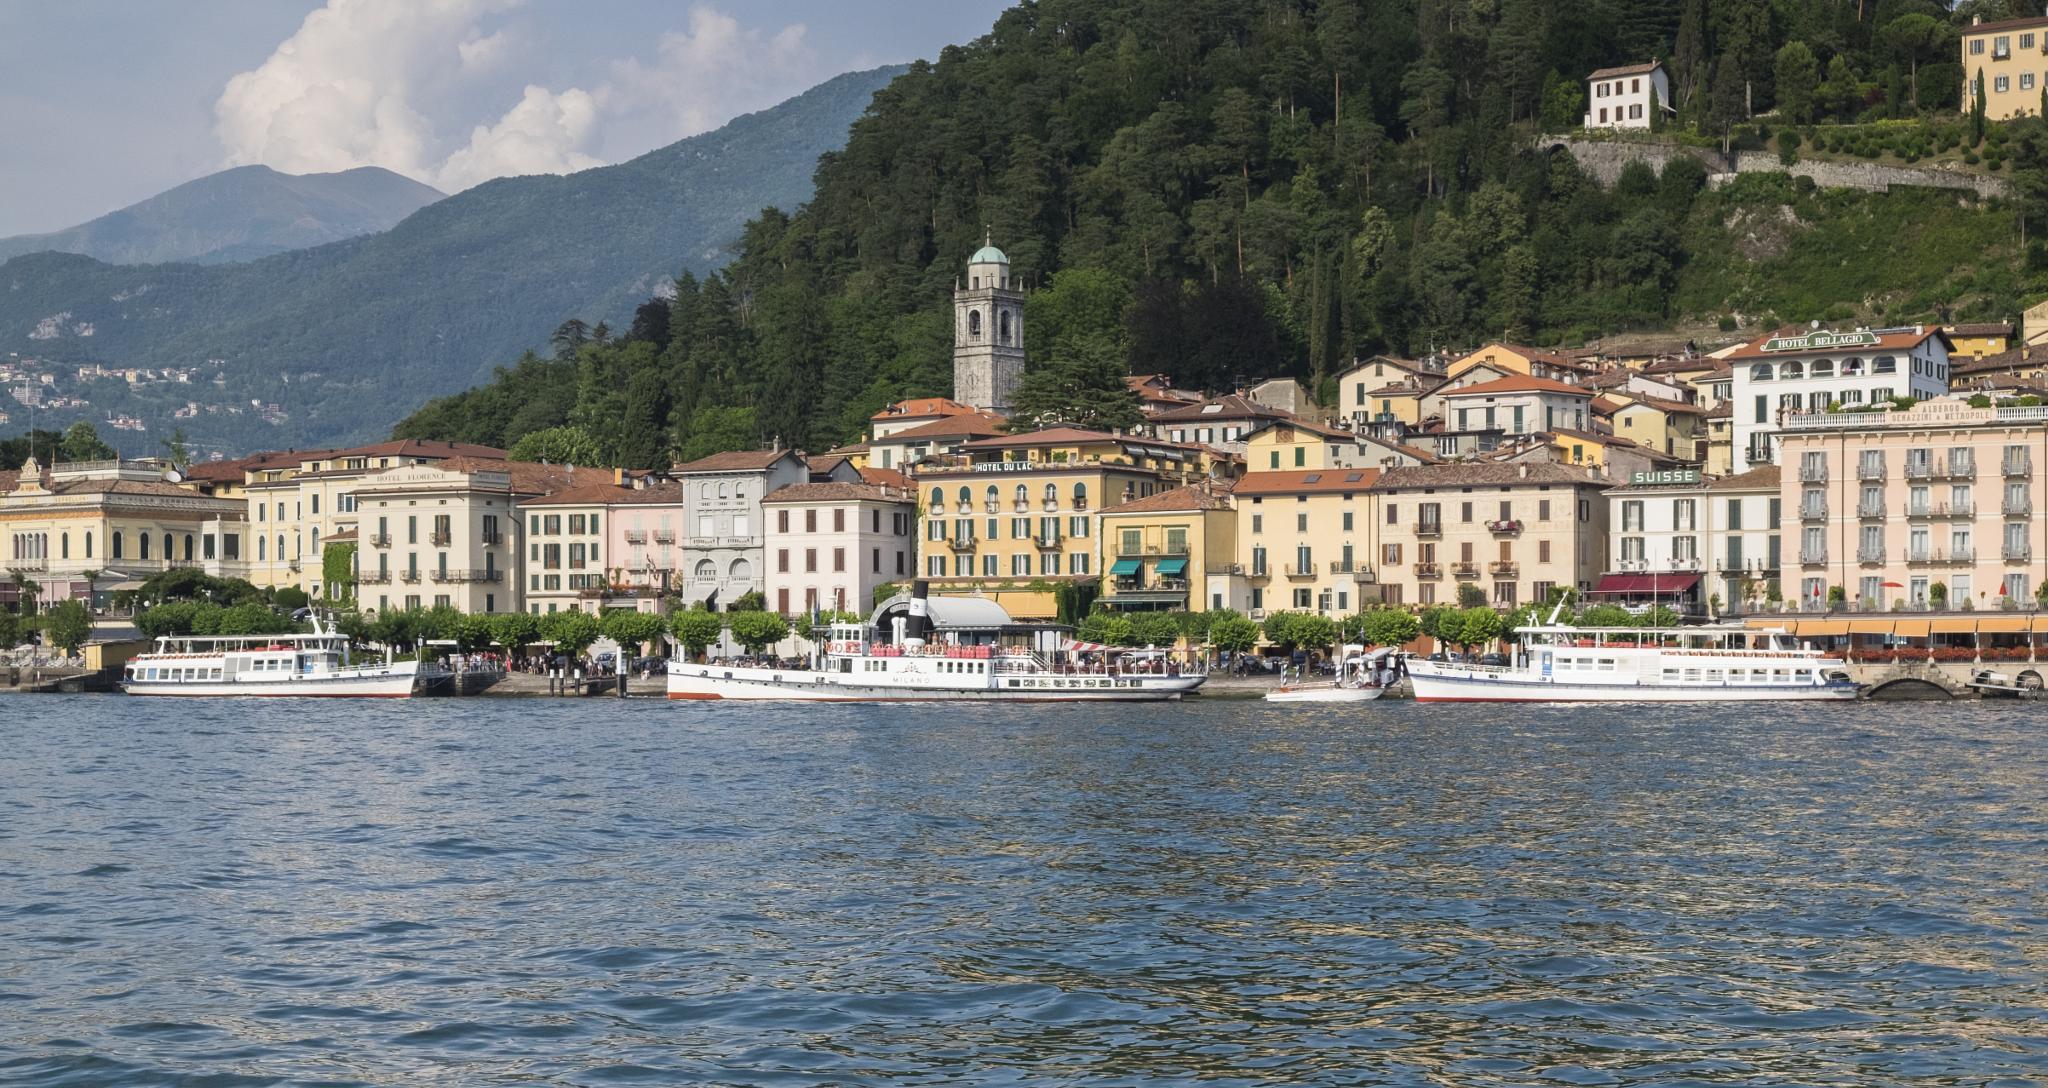 Bellagio, Lake Como by Martin Beecroft